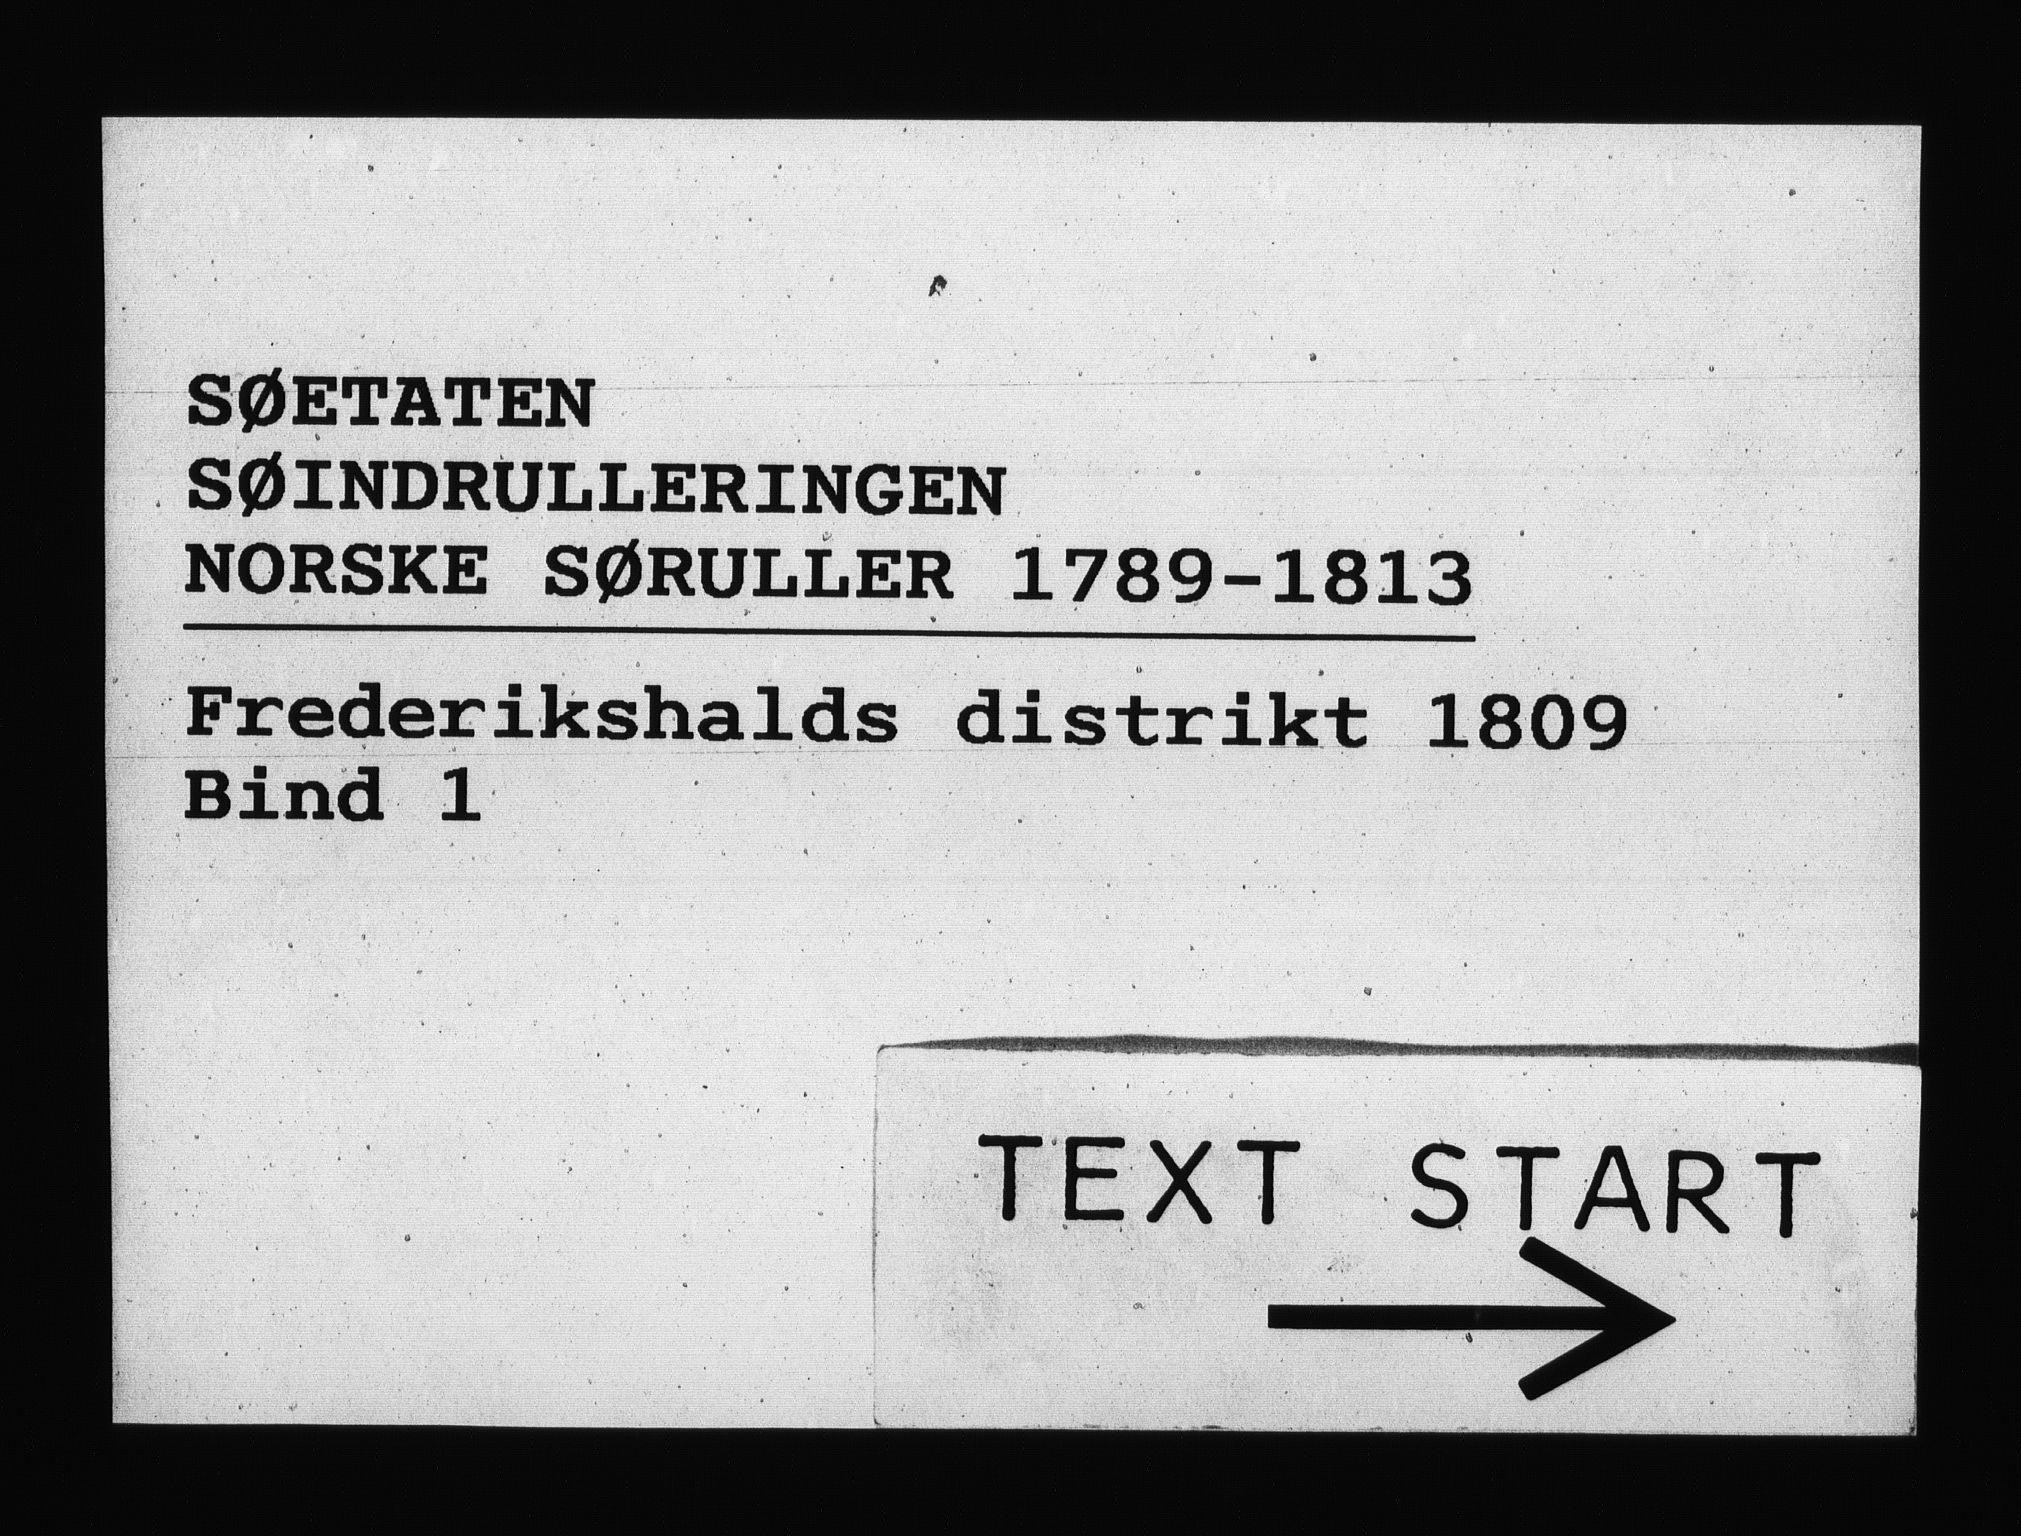 RA, Sjøetaten, F/L0202: Fredrikshalds distrikt, bind 1, 1809